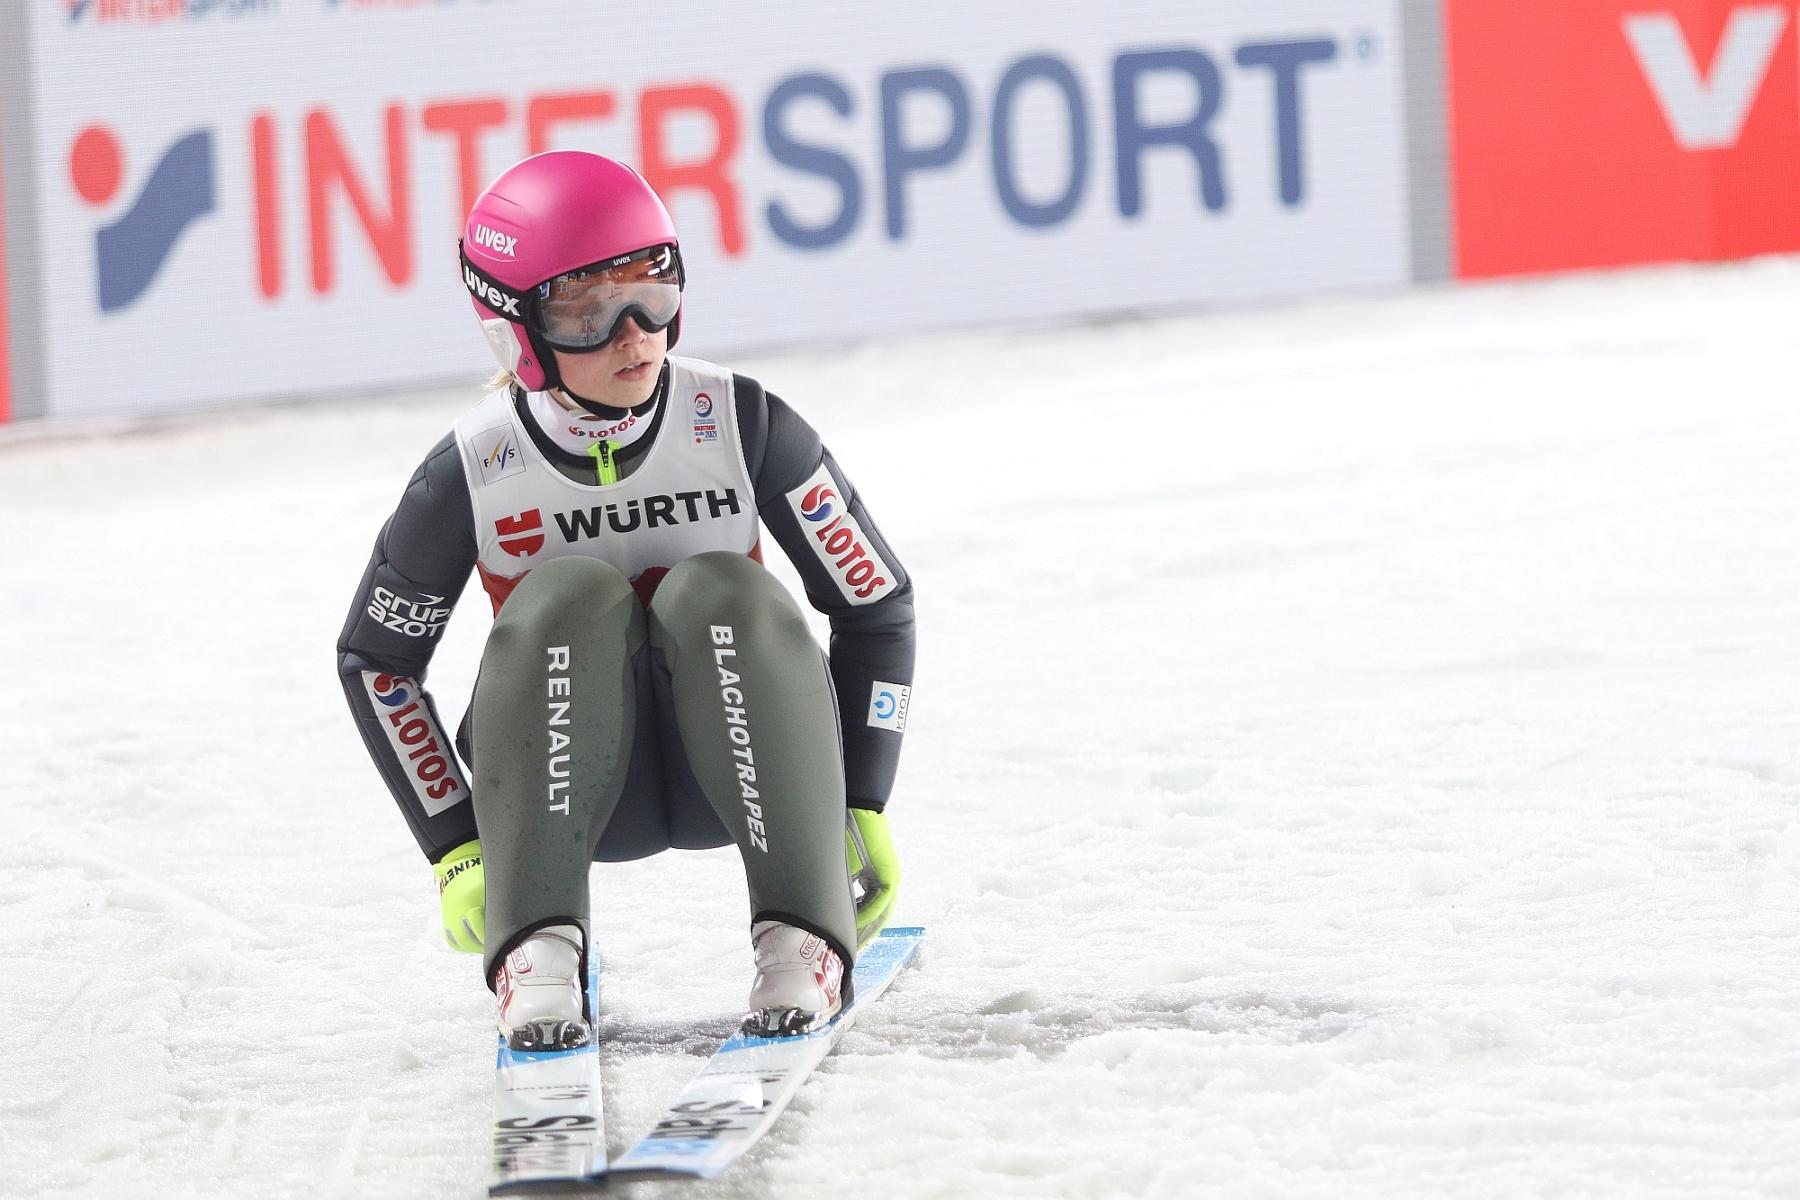 Mistrzostwa Swiata Oberstdorf2021 Panie Kwalifikacje fotJuliaPiatkowska 19 - MŚ Oberstdorf: Seria próbna dla Takanashi, Twardosz najwyżej z Polek